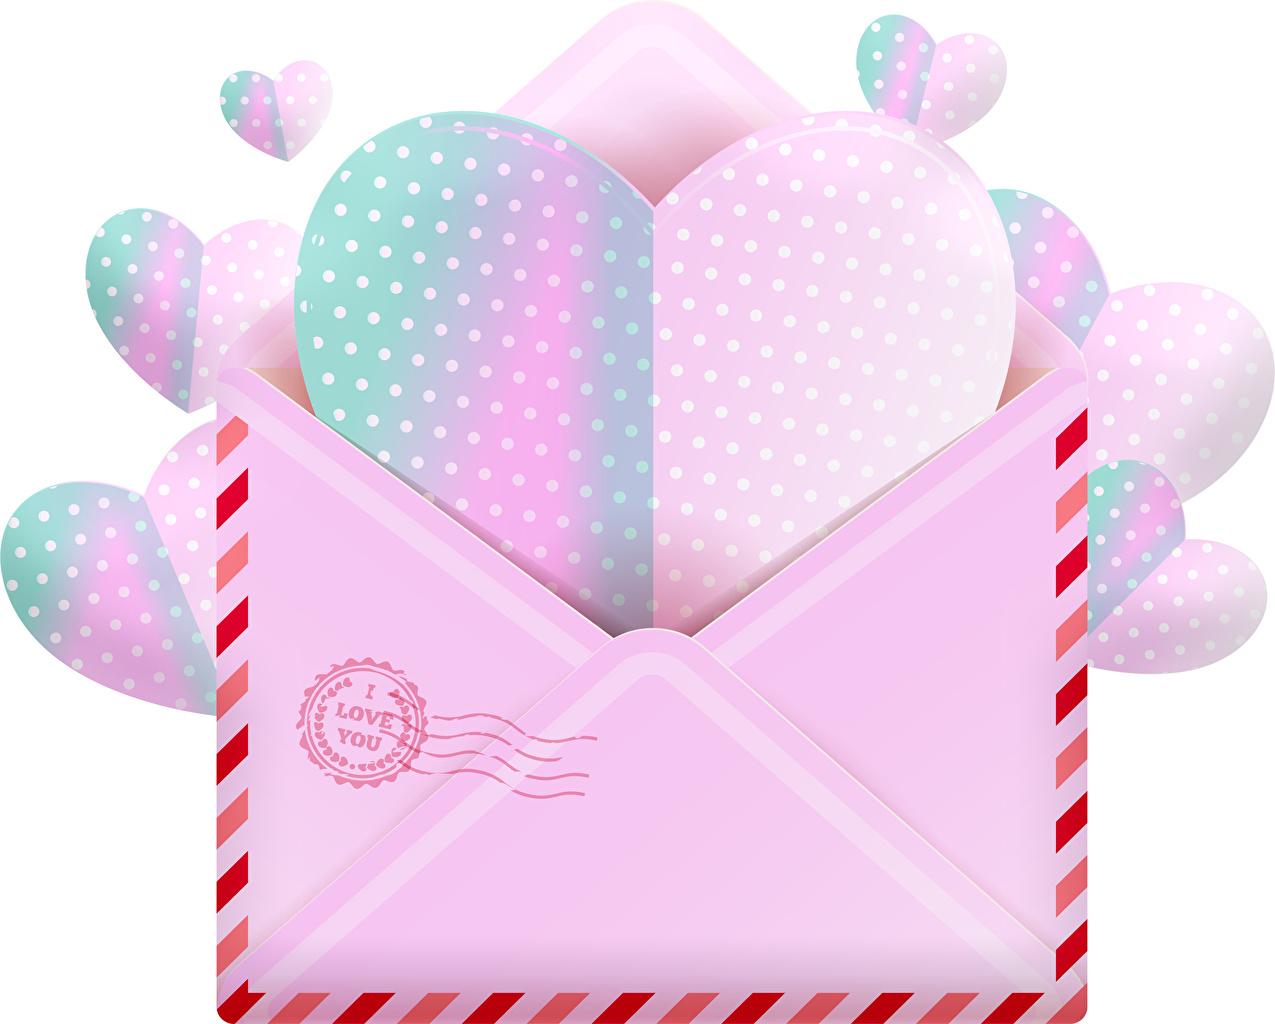 Фотографии Конверт День святого Валентина сердечко Письмо Белый фон День всех влюблённых серце Сердце сердца письма белом фоне белым фоном